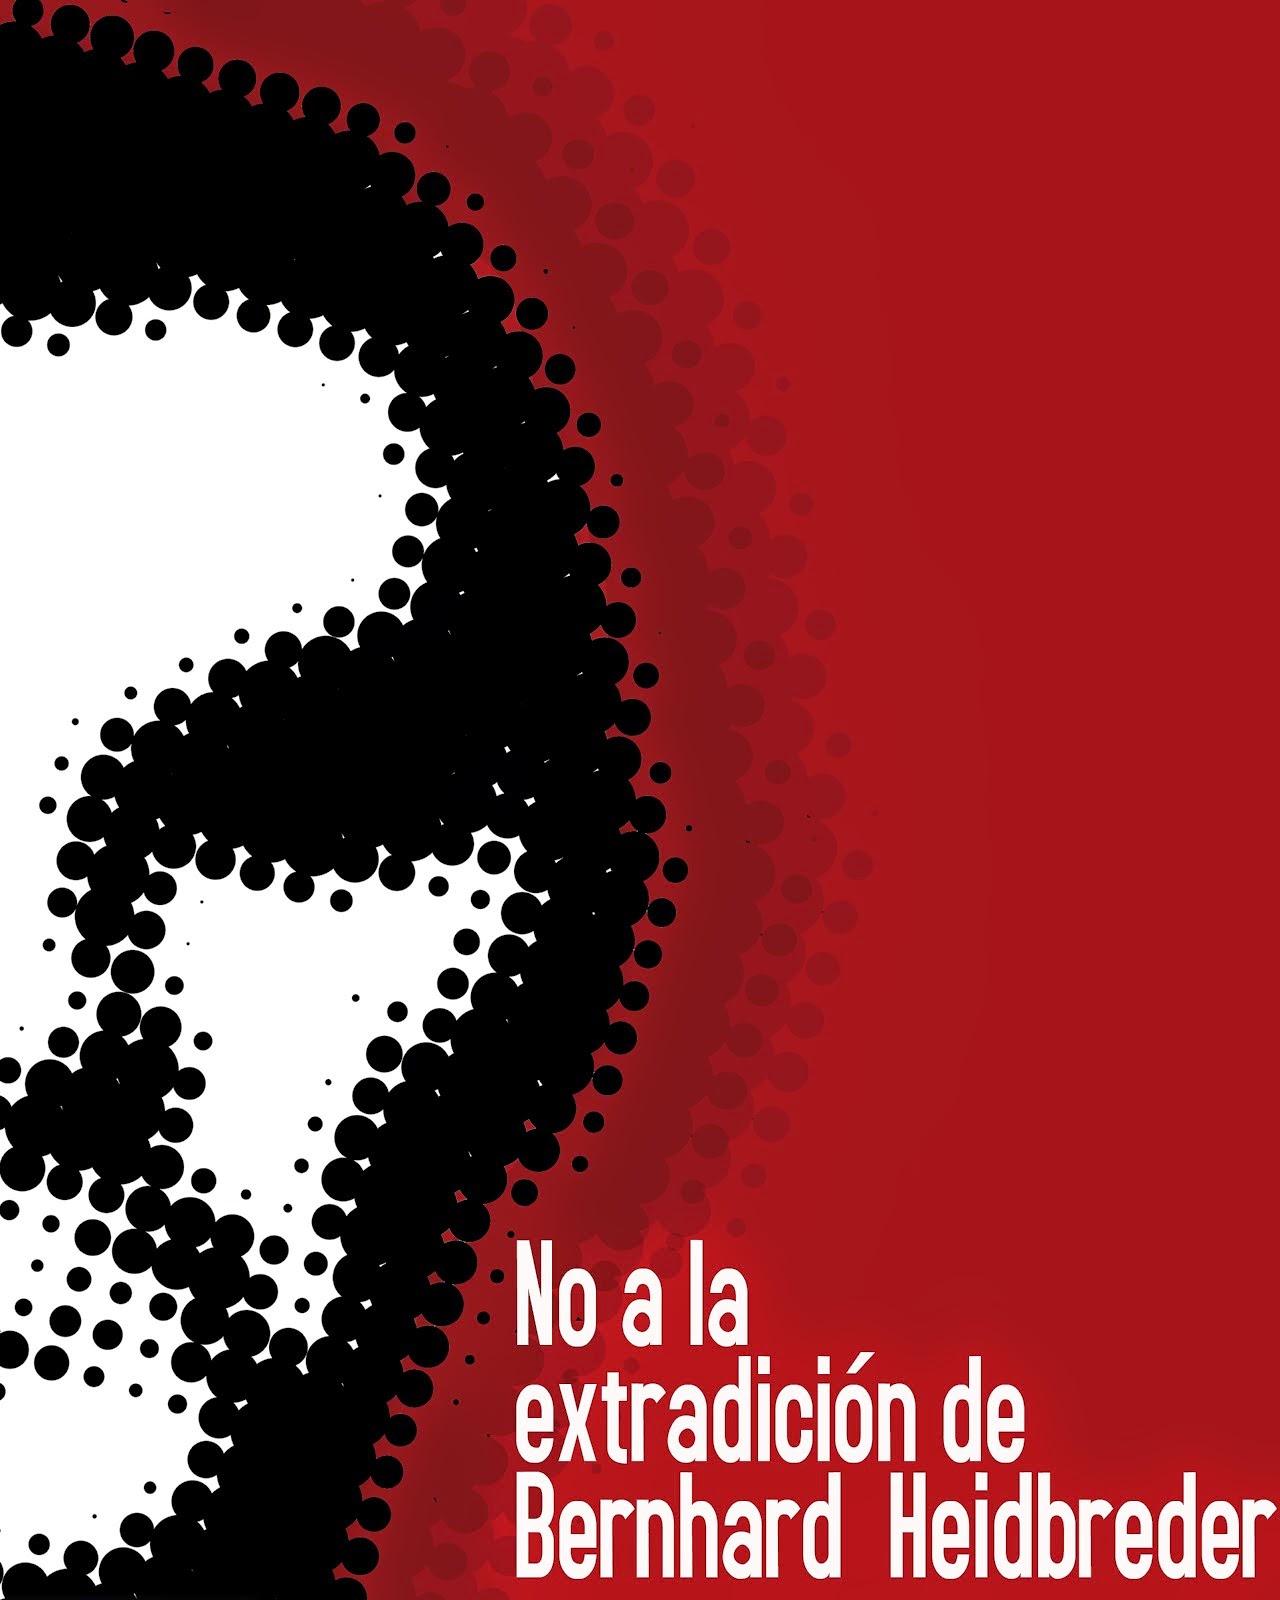 No a la extradición de Bernhardt Heidbreder